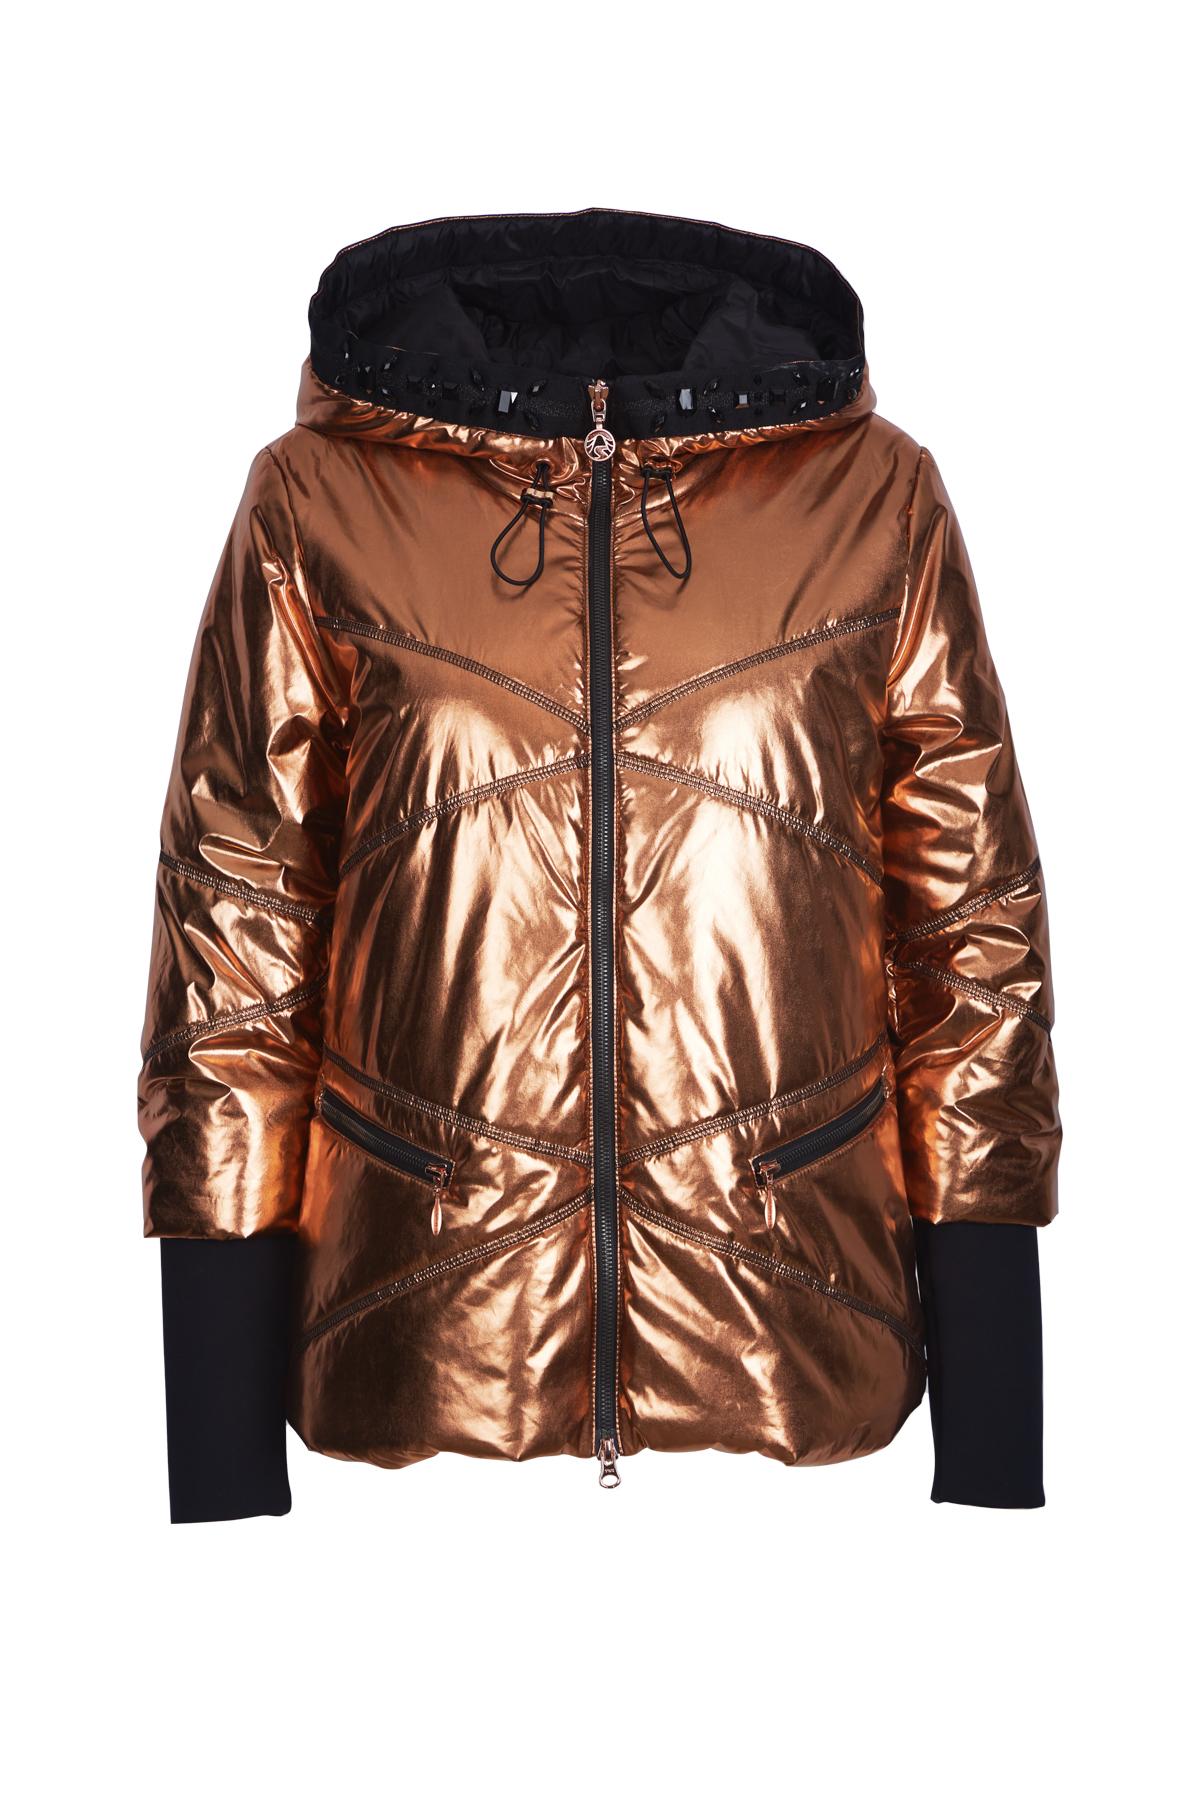 Wattierte metallisch-schimmernde Jacke von Sportalm